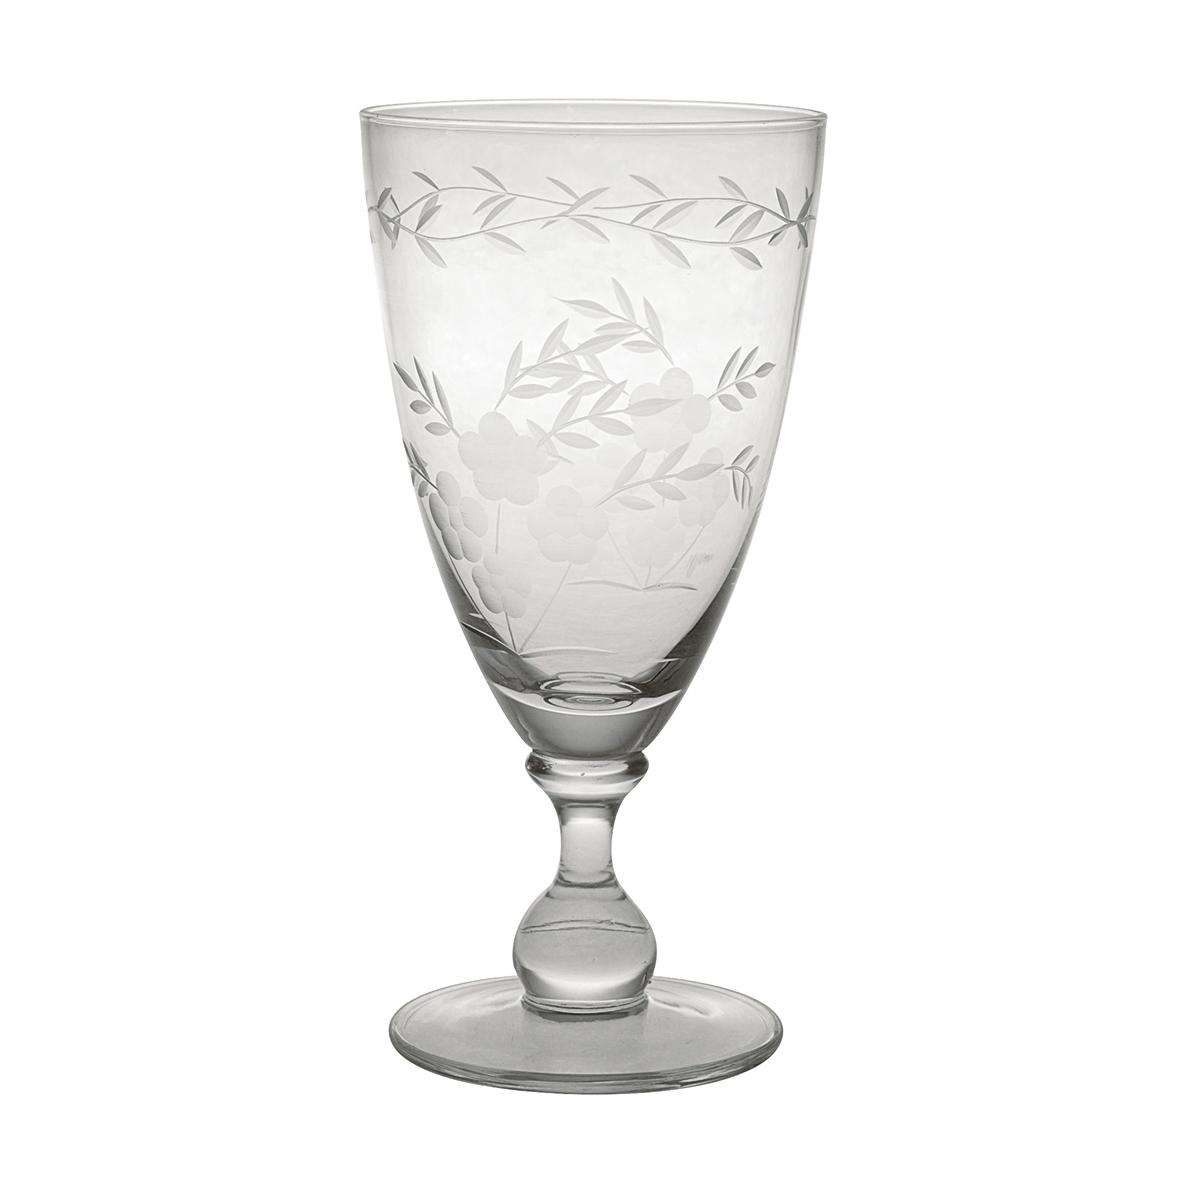 Weinglas mit Gravur / Glasschliff - large - Greengate